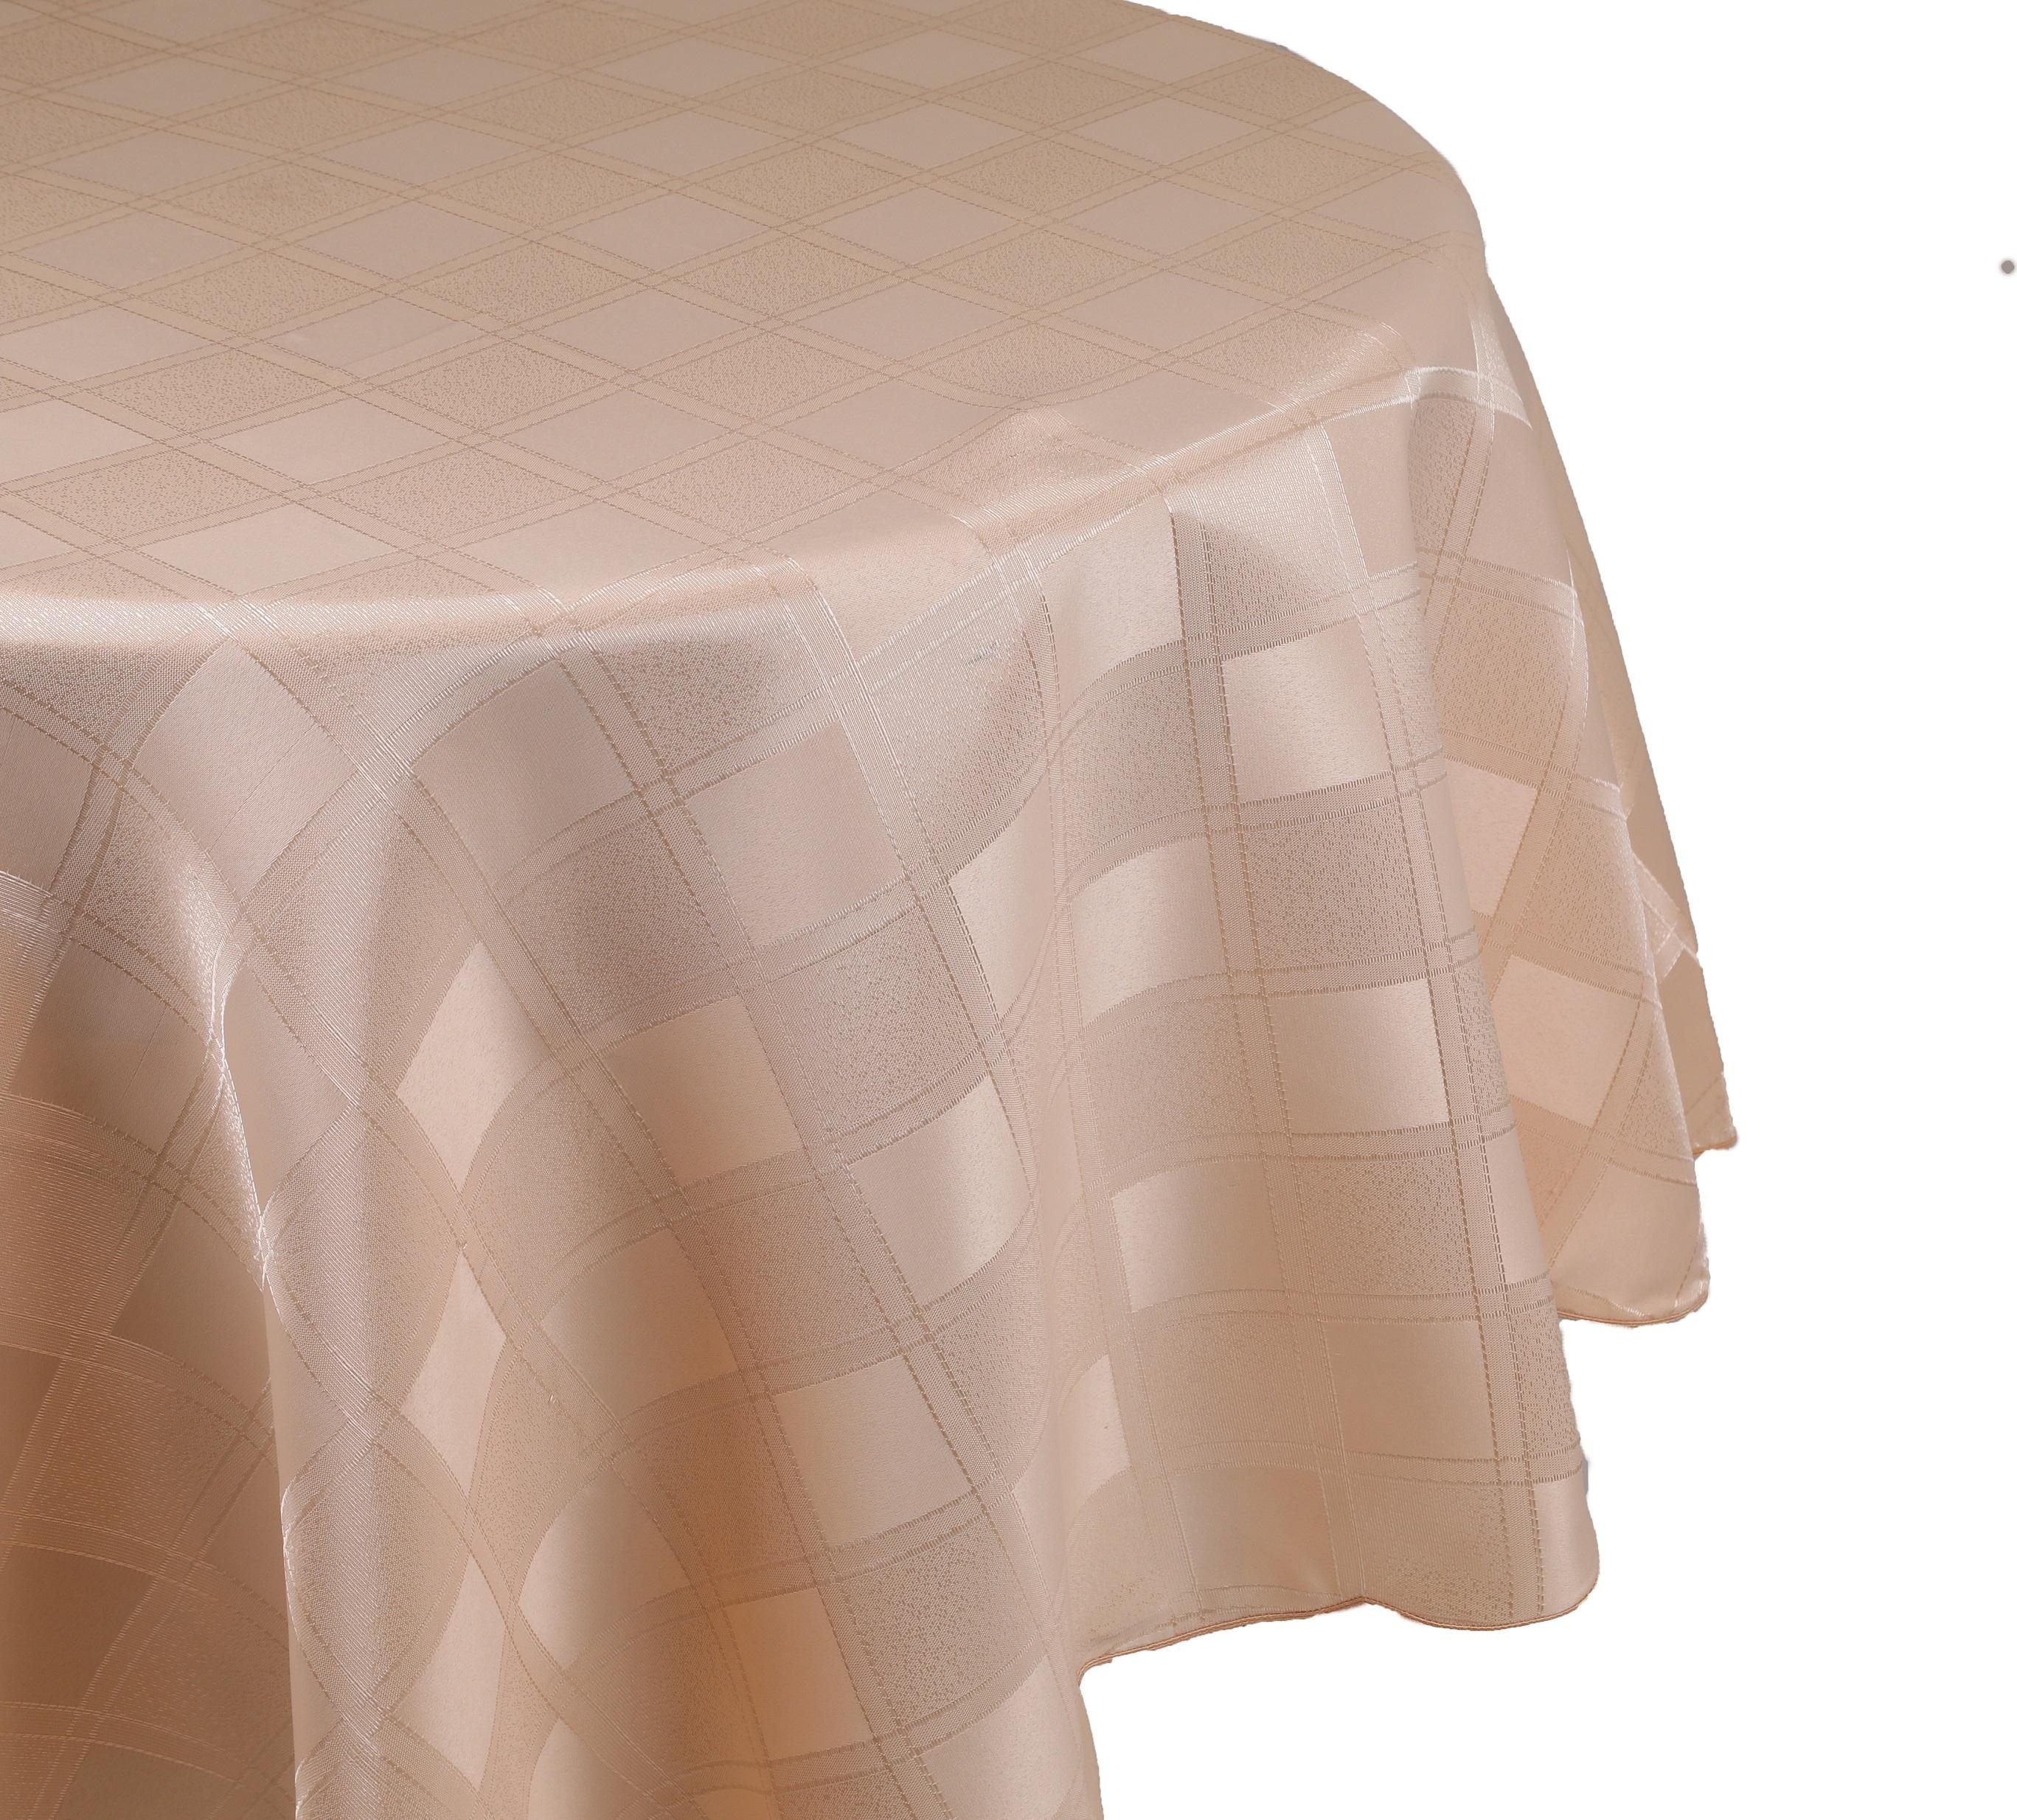 betz nappe jacquard linge de table dessin 10 couleur abricot. Black Bedroom Furniture Sets. Home Design Ideas